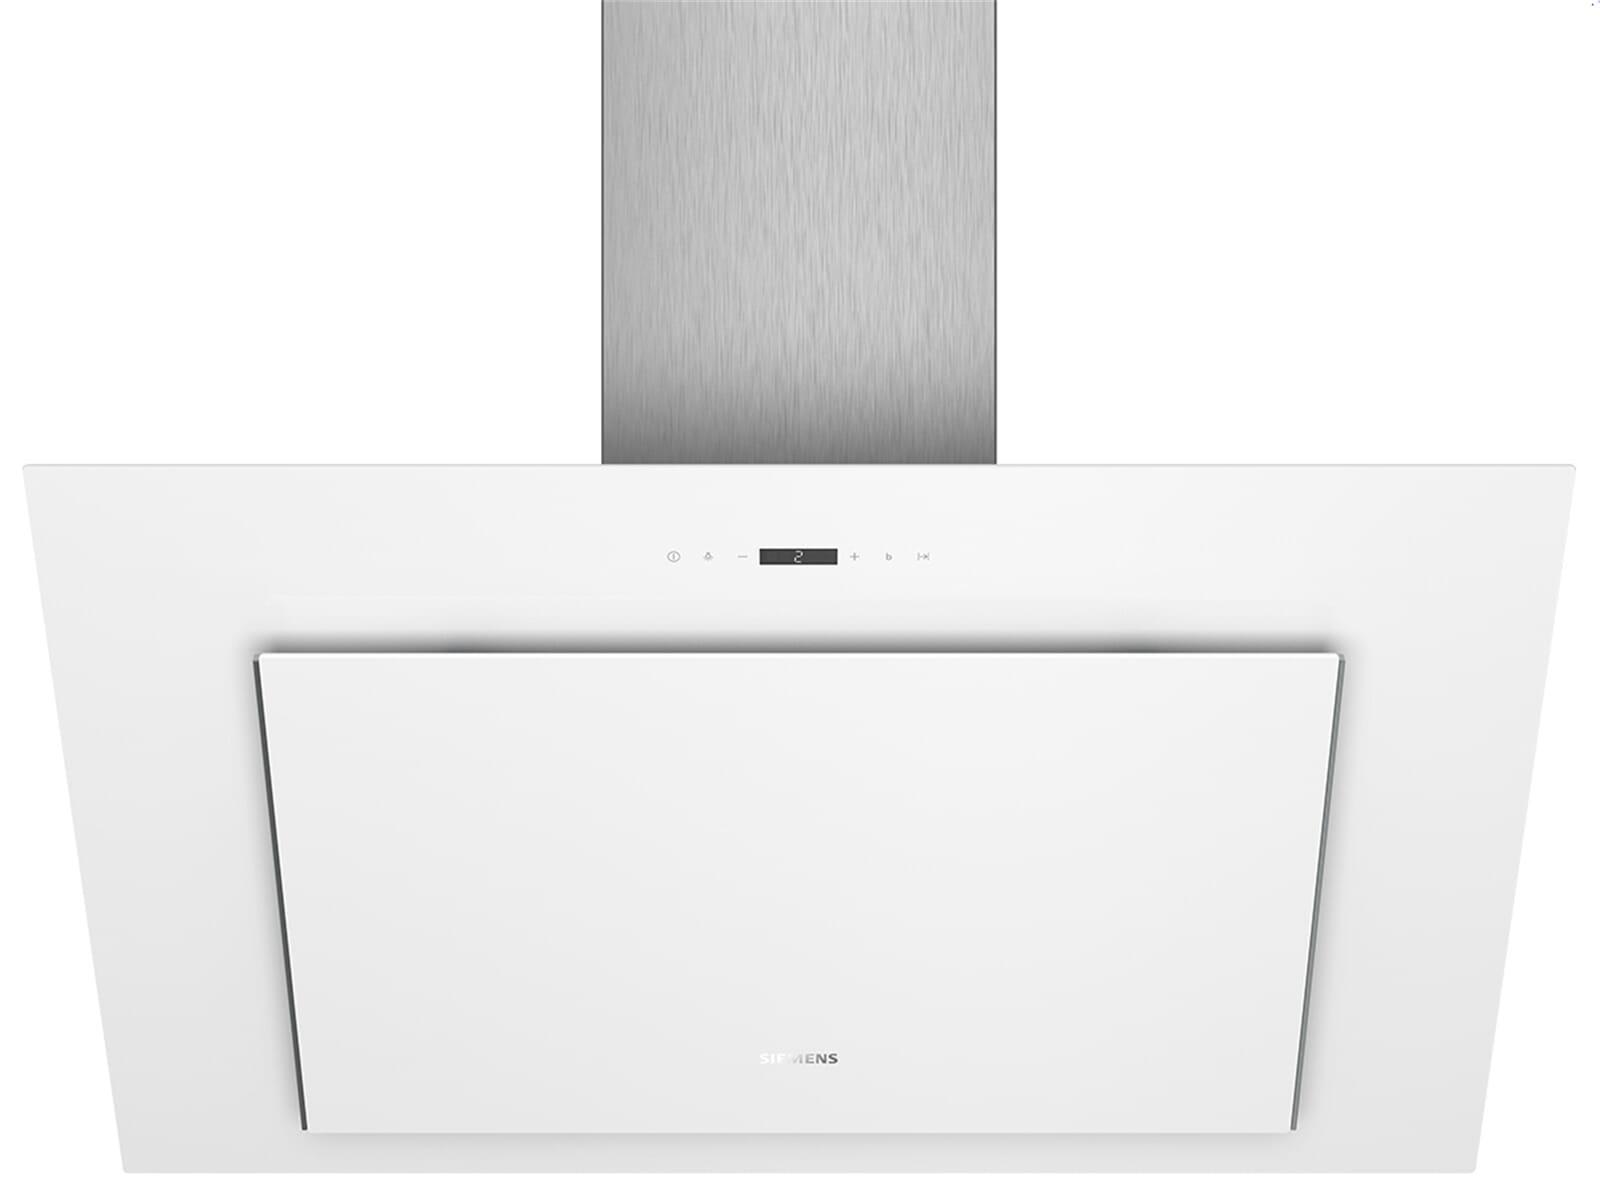 Siemens lc98klp20 kopffreihaube weiß